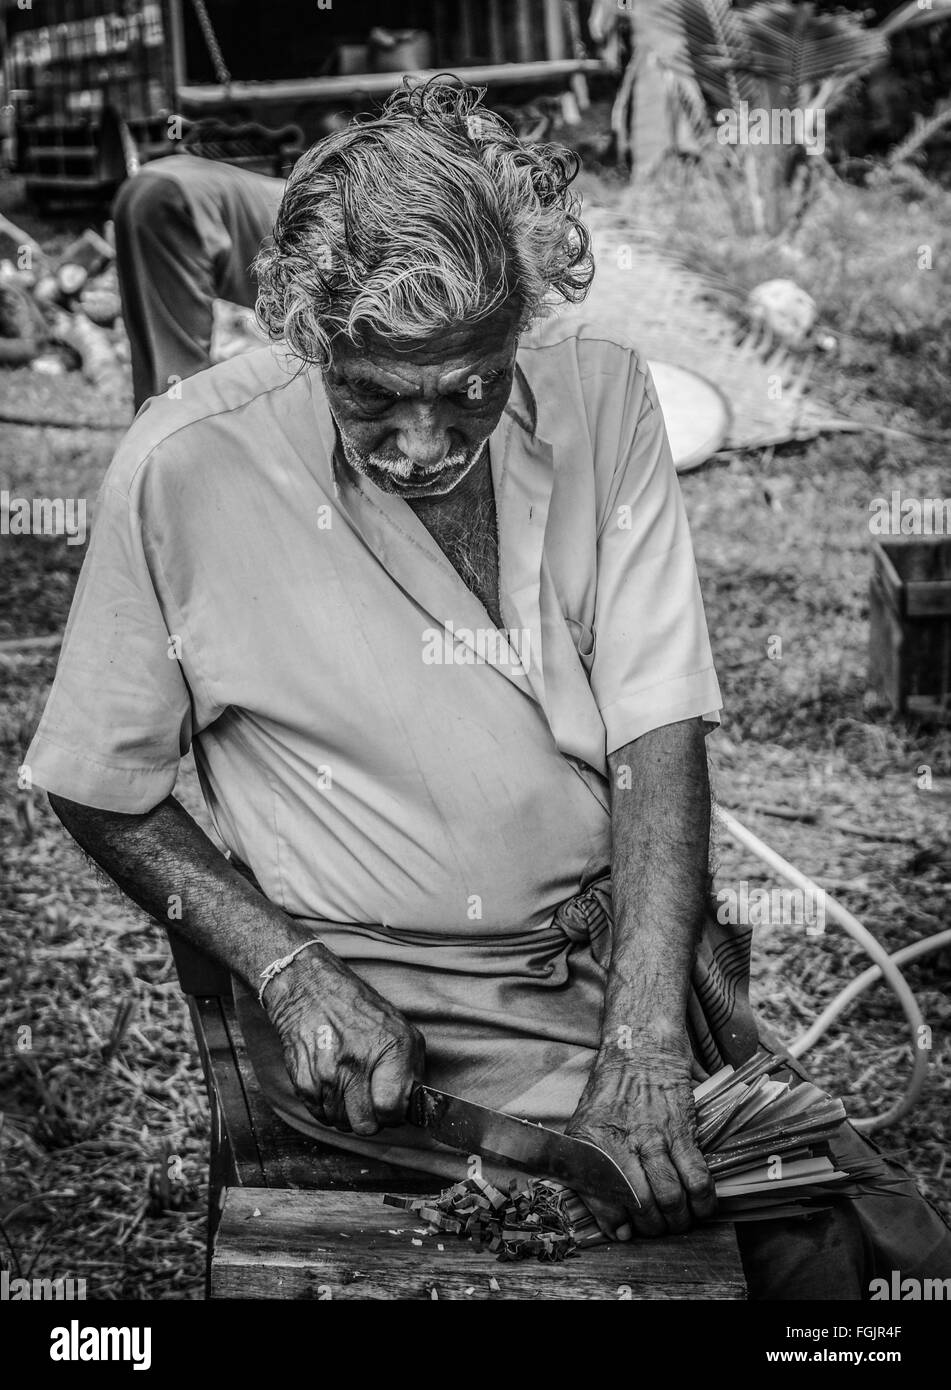 The Grandpa - Stock Image